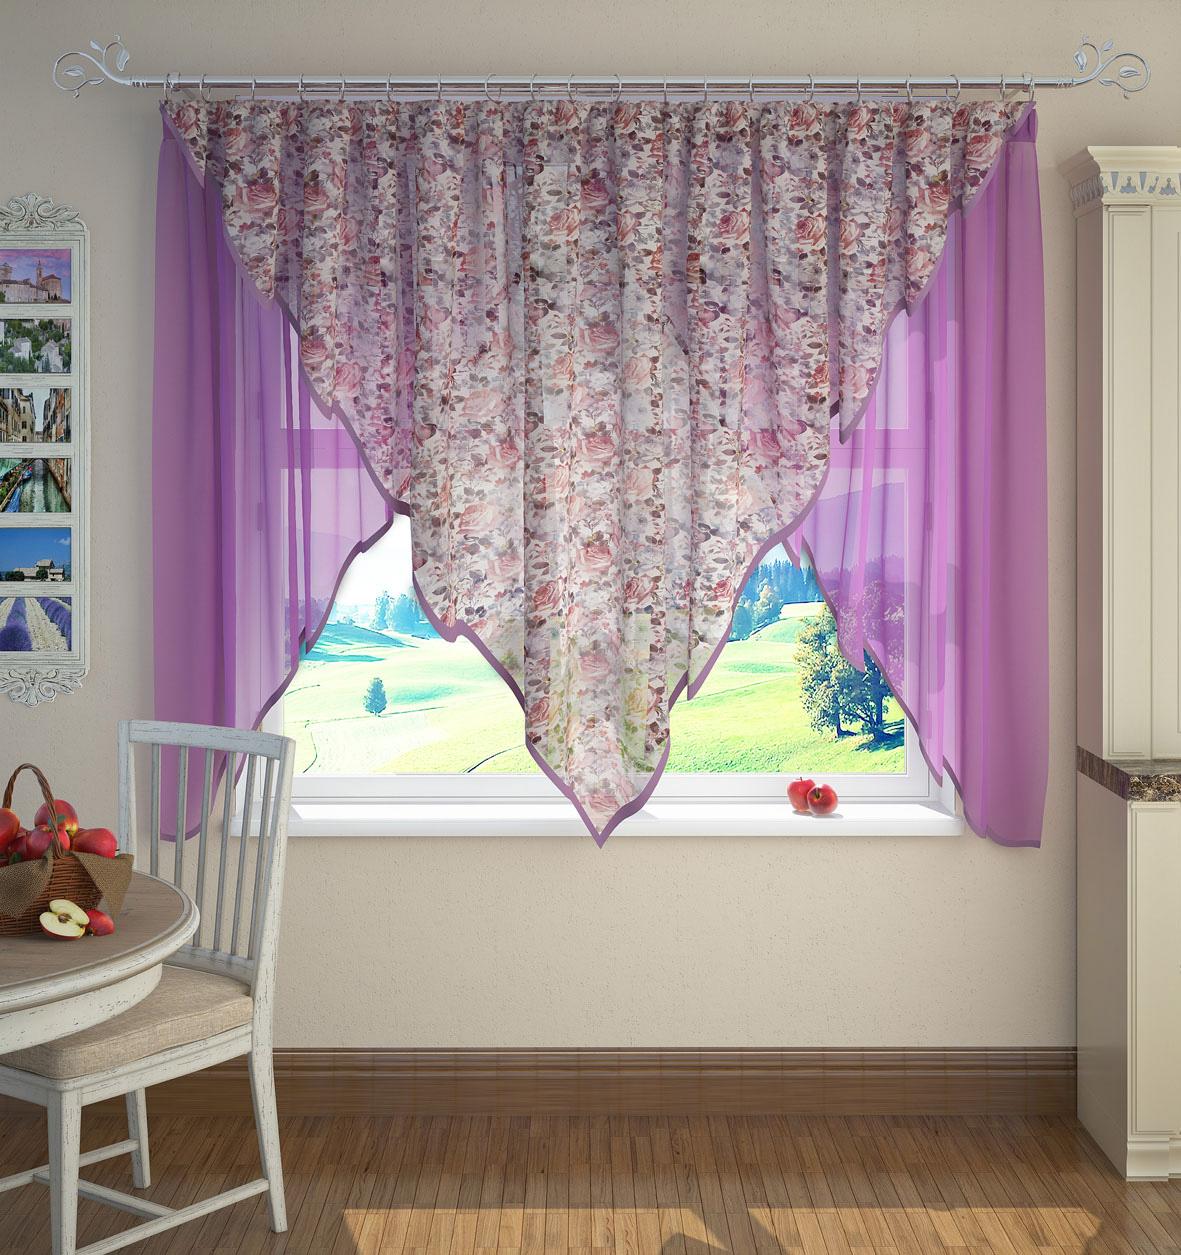 Шторы ARCODORO Классические шторы Зигзаг Цвет: Сиреневый шторы tac классические шторы winx цвет персиковый 200x265 см